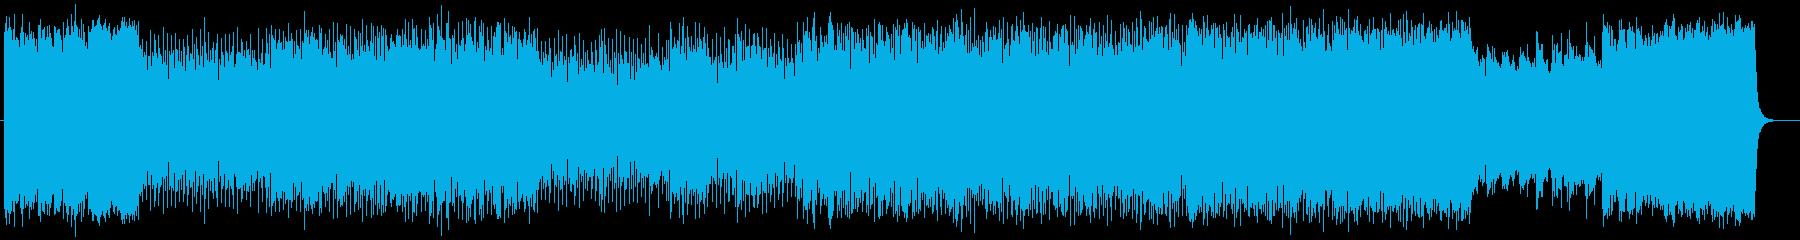 ポップな爽快テクノチューンの再生済みの波形